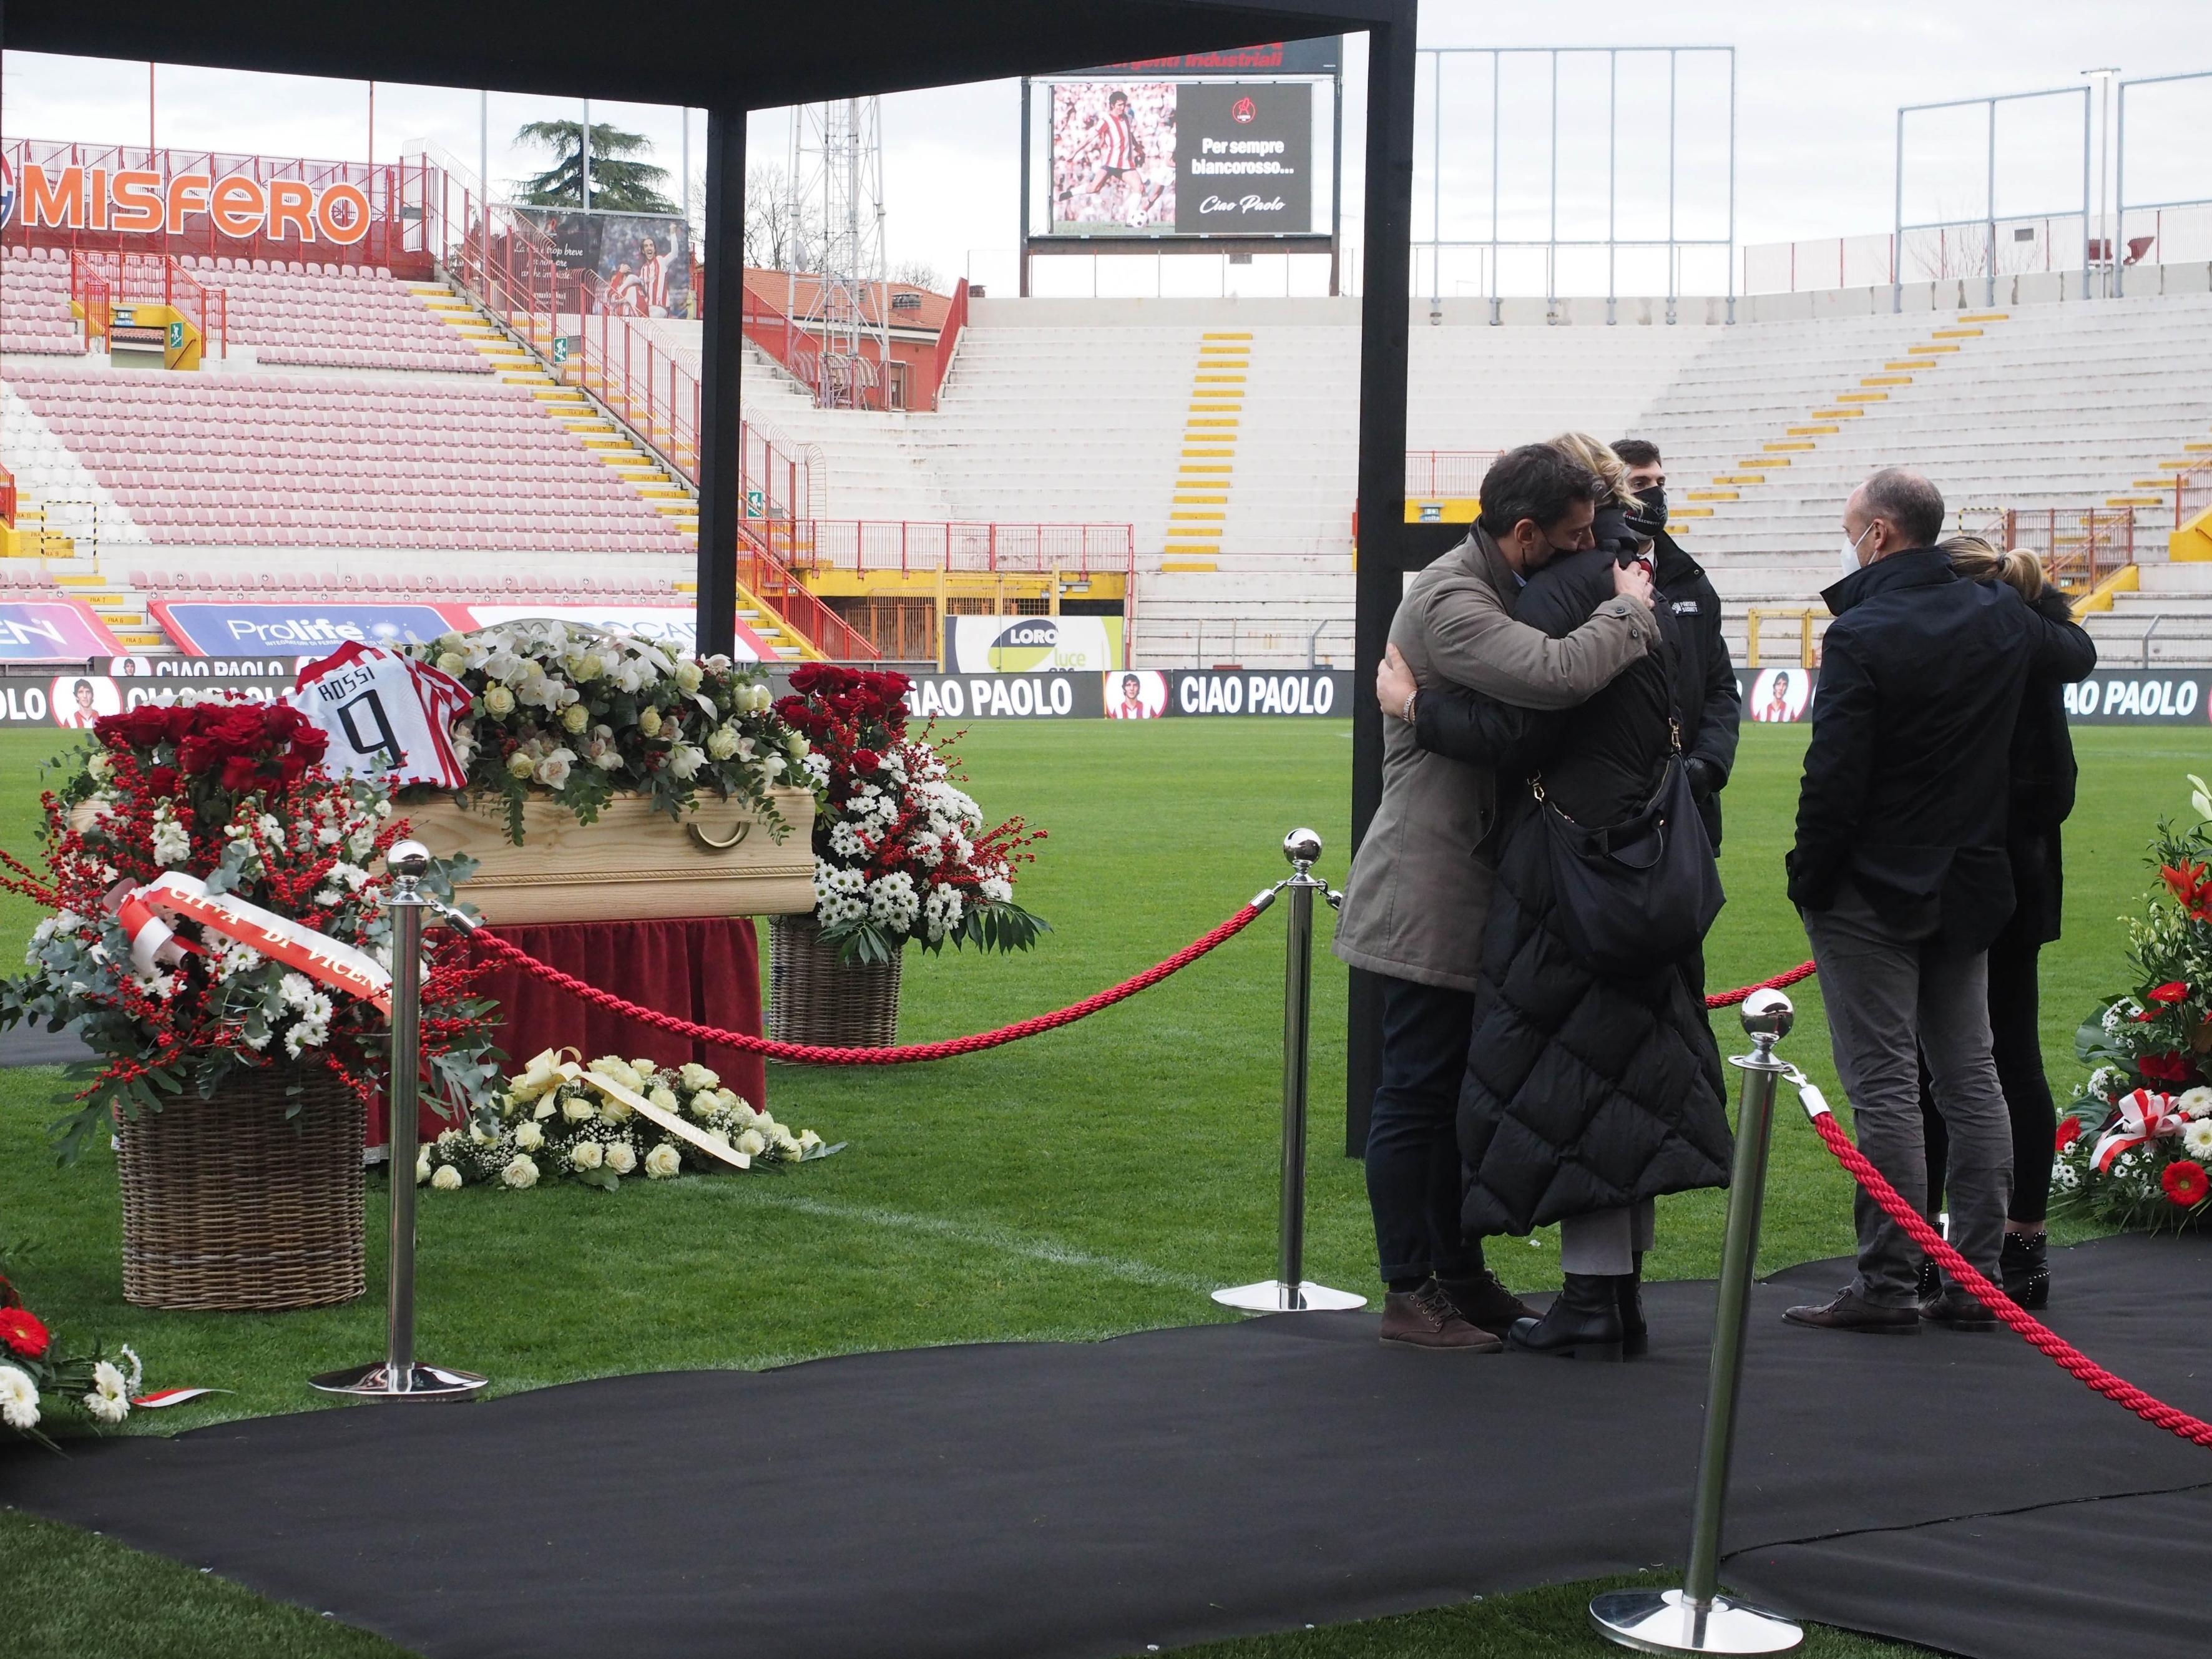 Vicenza rende omaggio al suo campione, domani i funerali di Pablito al Duomo